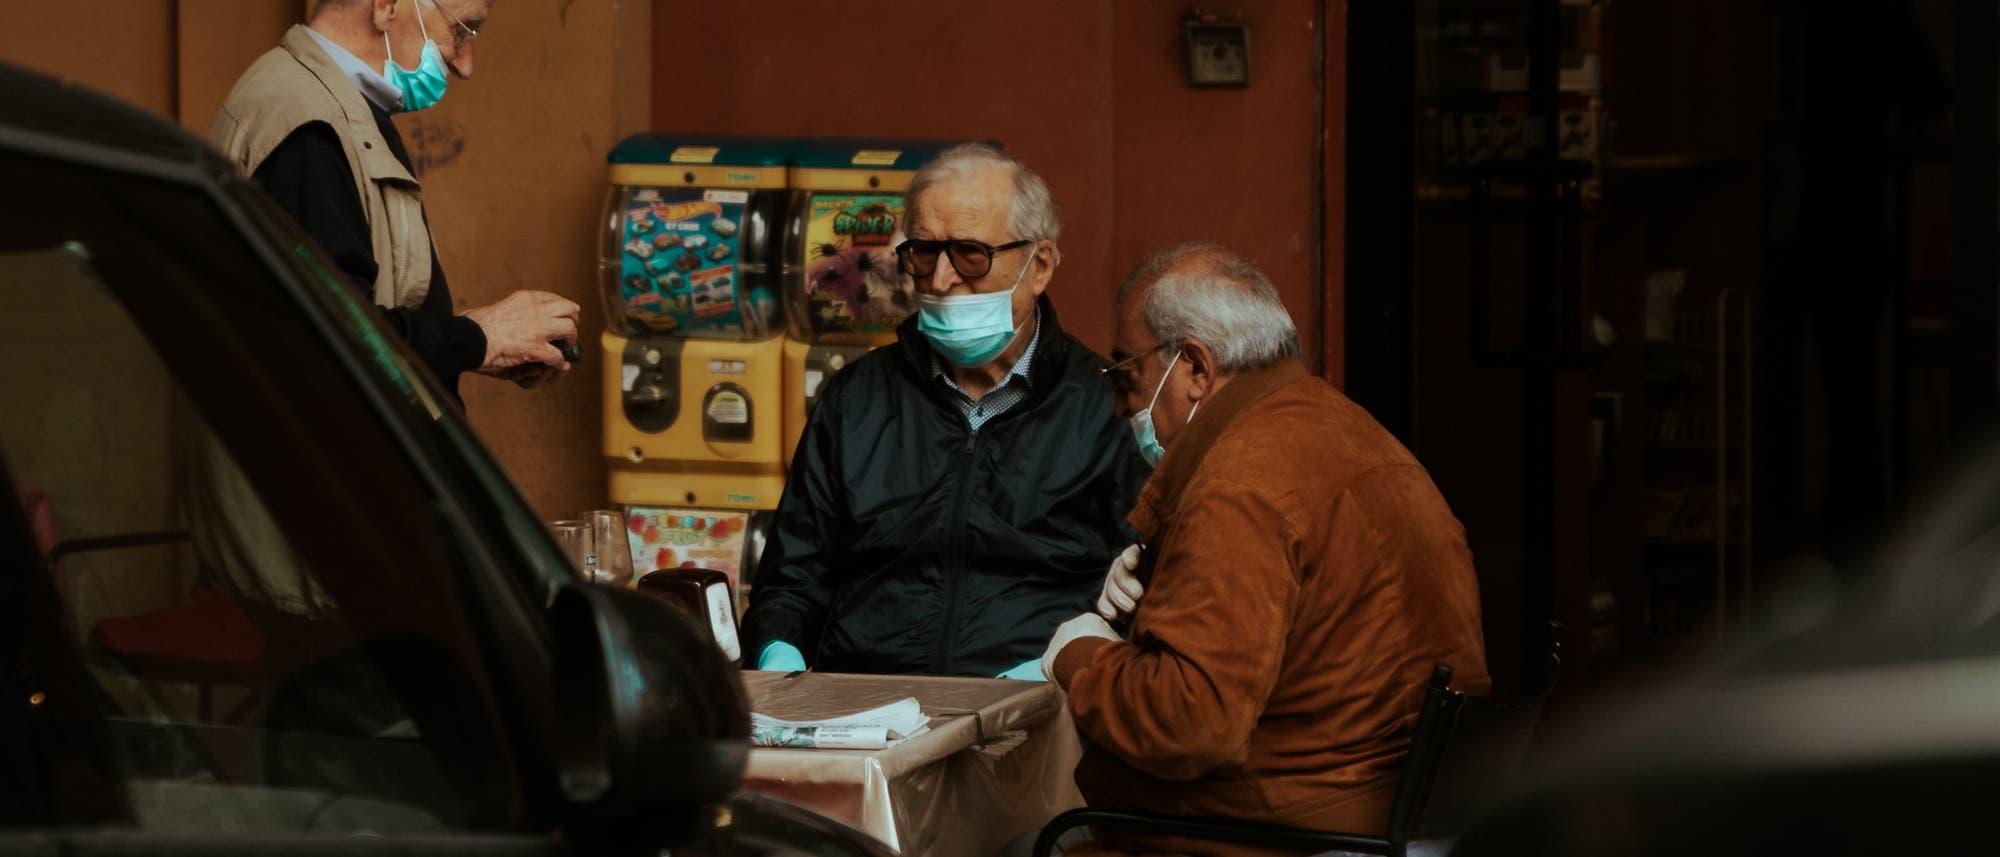 Masken können helfen, die Ausbreitung von Covid-19 zu verlangsamen. Wenn man sie richtig trägt.